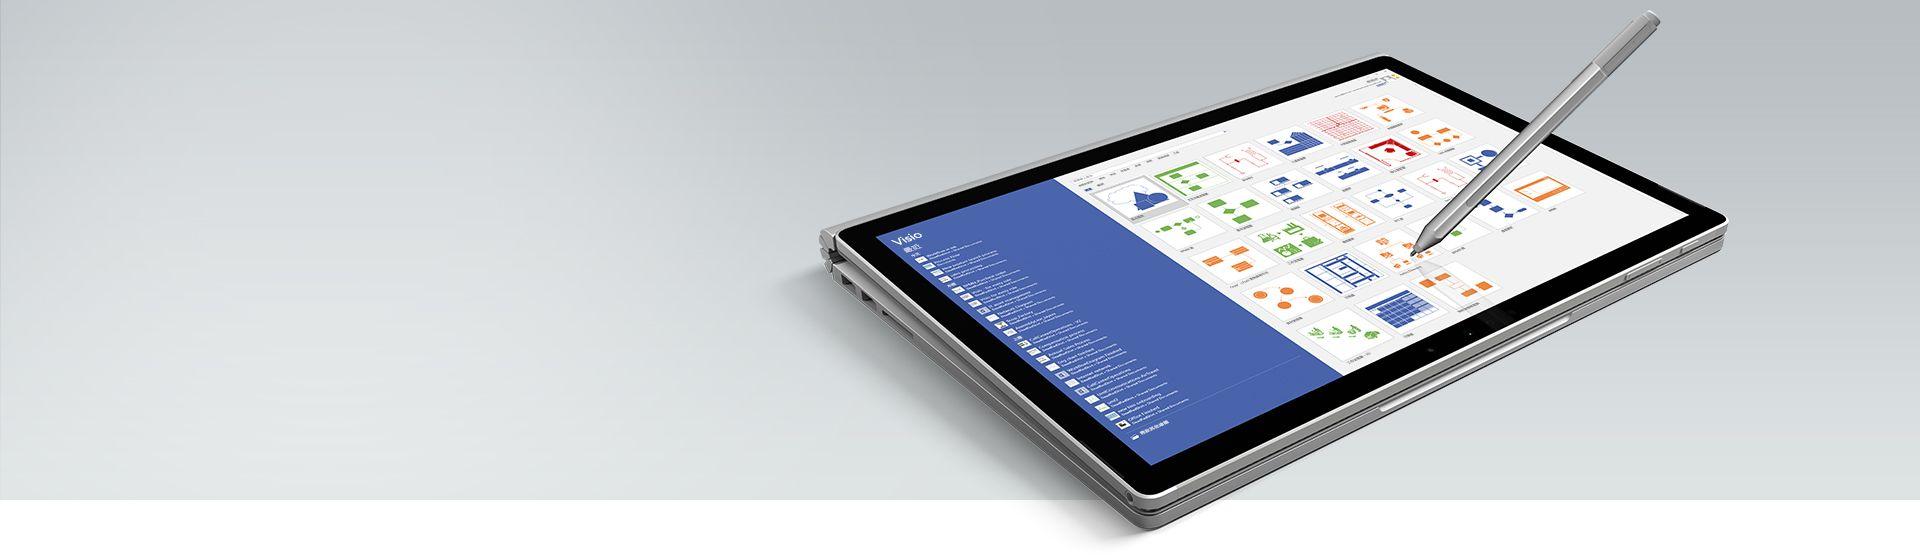 顯示 Visio 中可用的範本及最近使用的檔案清單的 Microsoft Surface 平板電腦